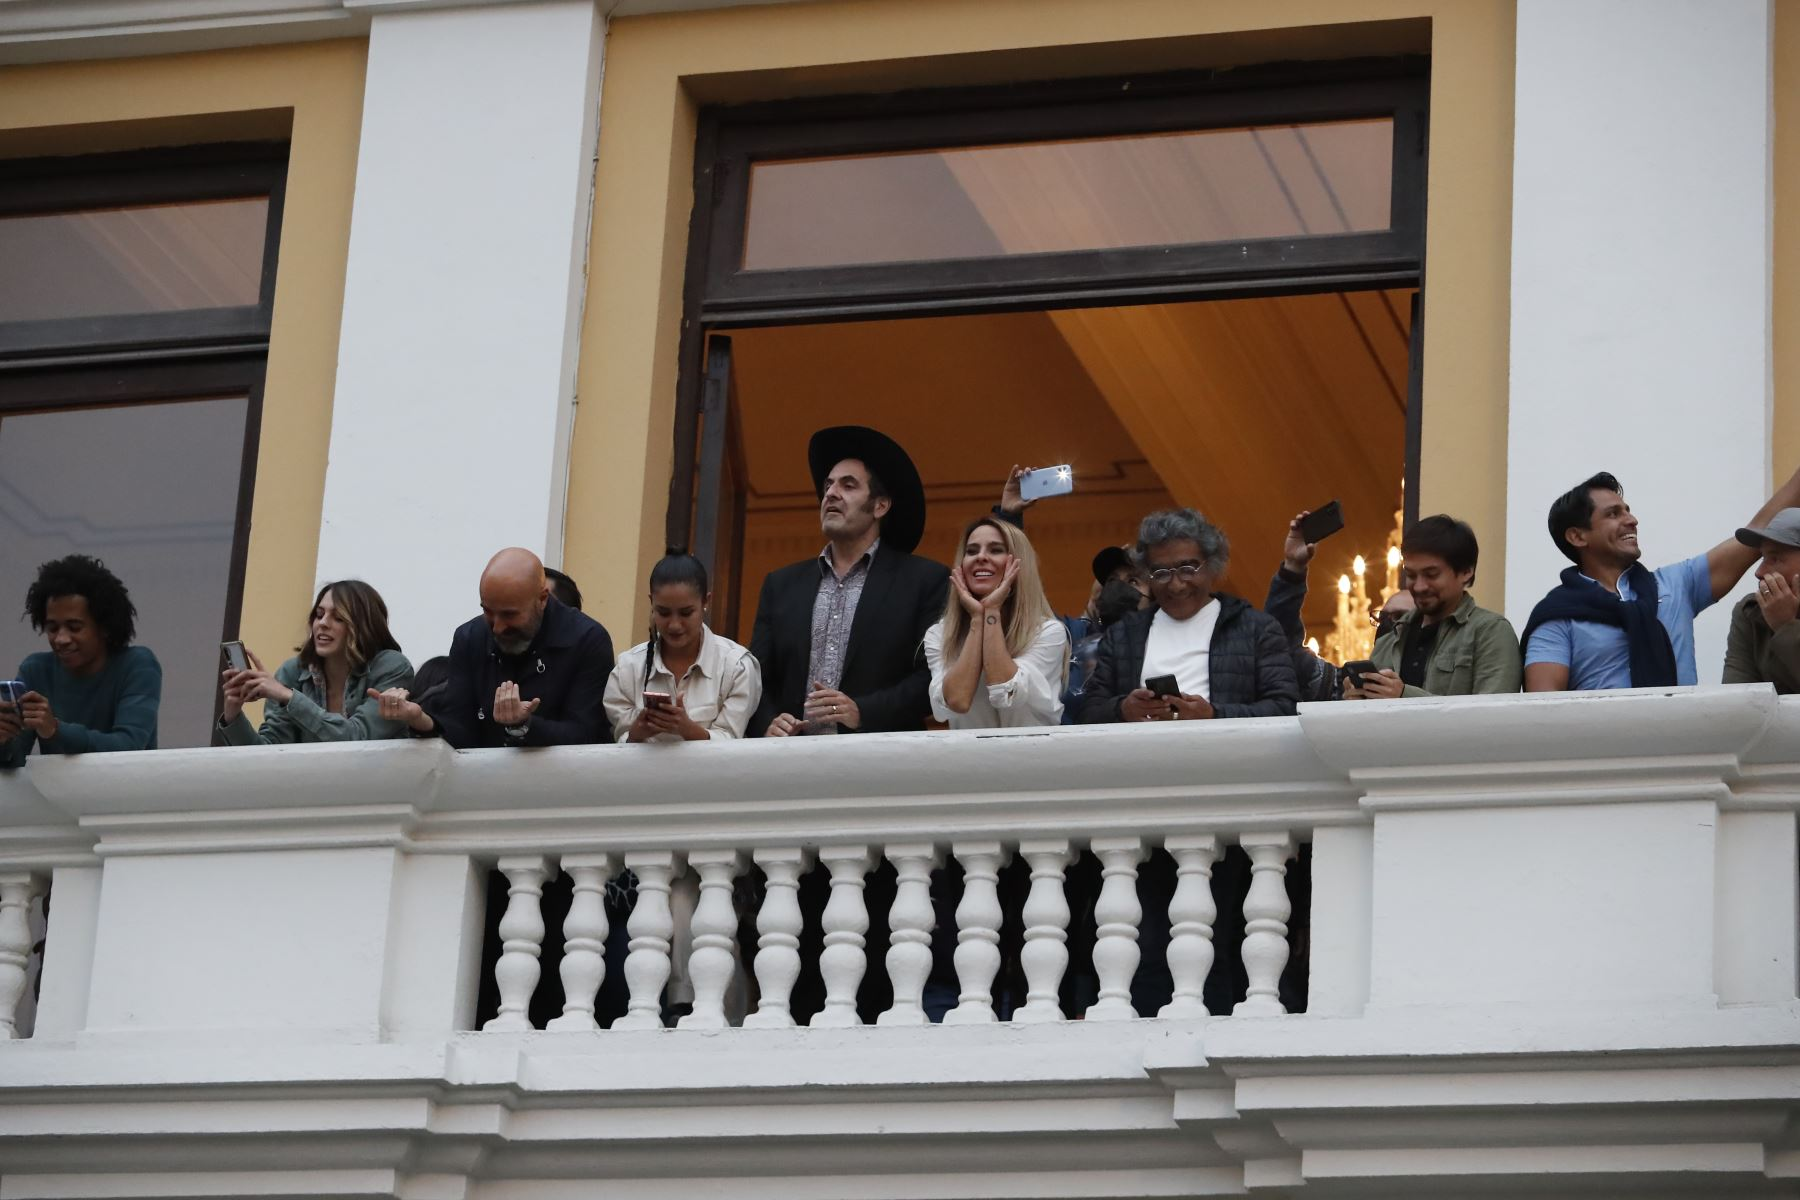 Grabaciones de la serie La Reina del Sur con la actriz Kate Del Castillo en la Plaza de Armas de Lima. Foto: ANDINA/Renato Pajuelo